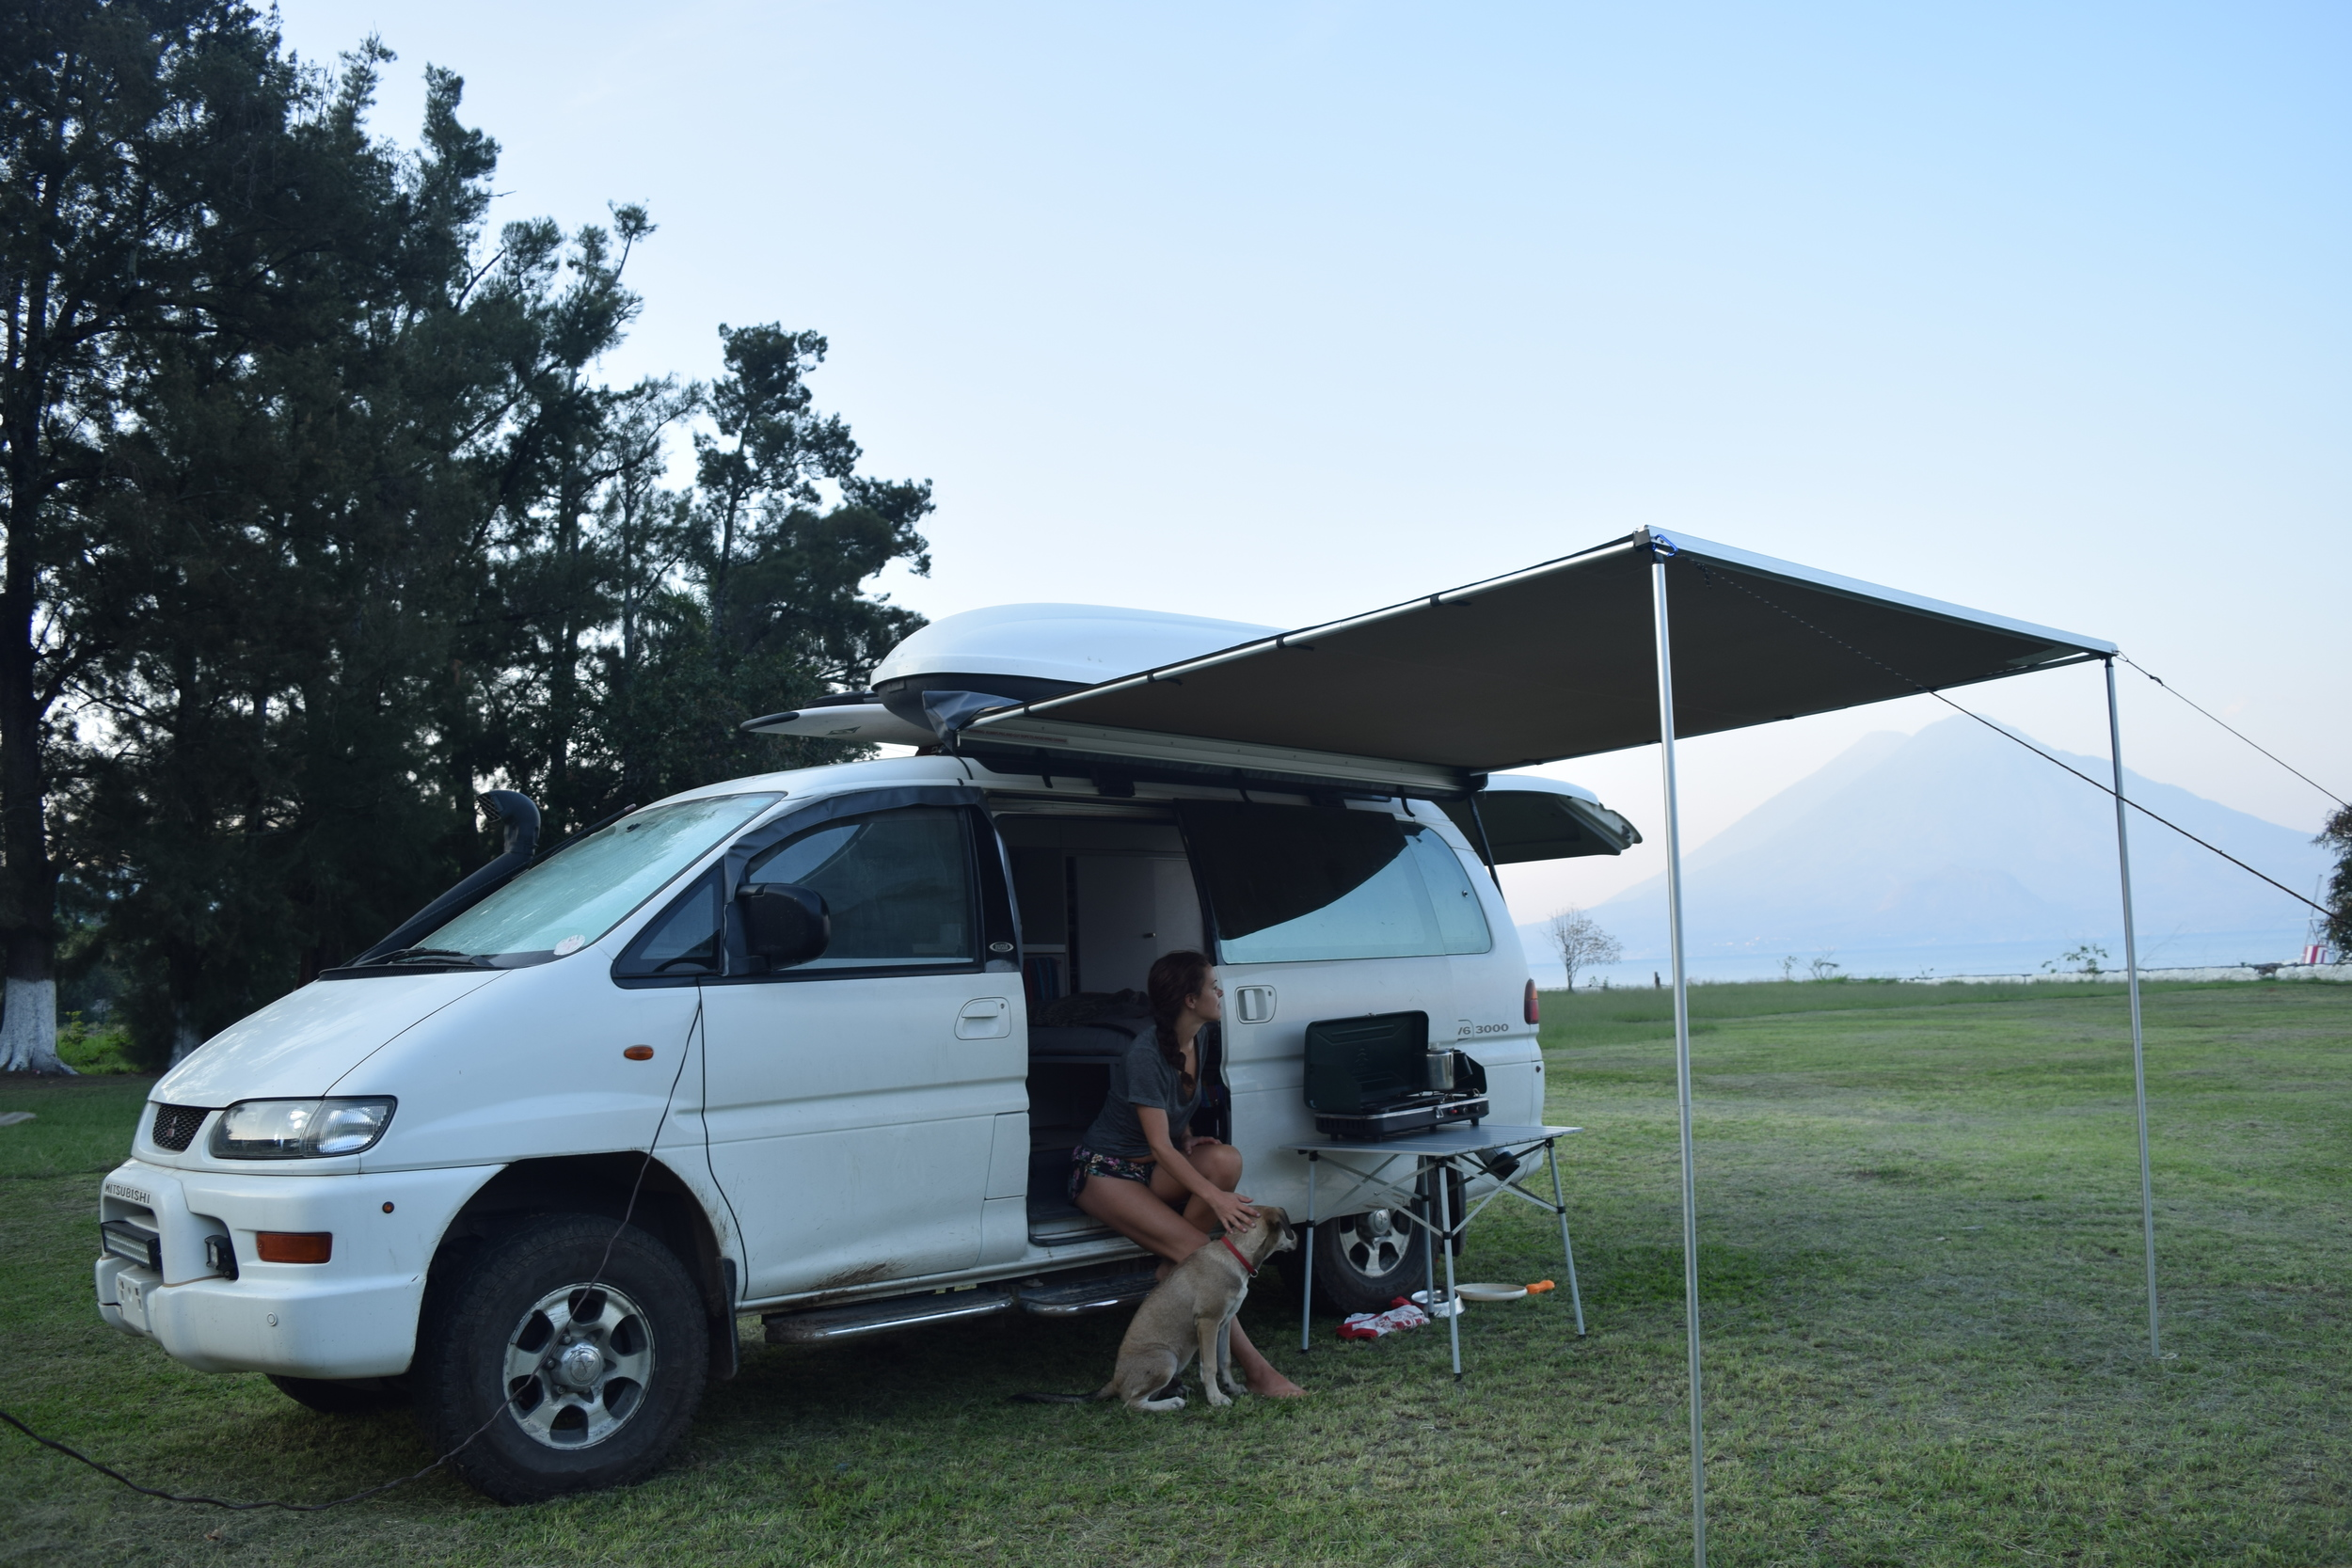 Converting a Mitsubishi Delica into a Tiny Home — Vanlife